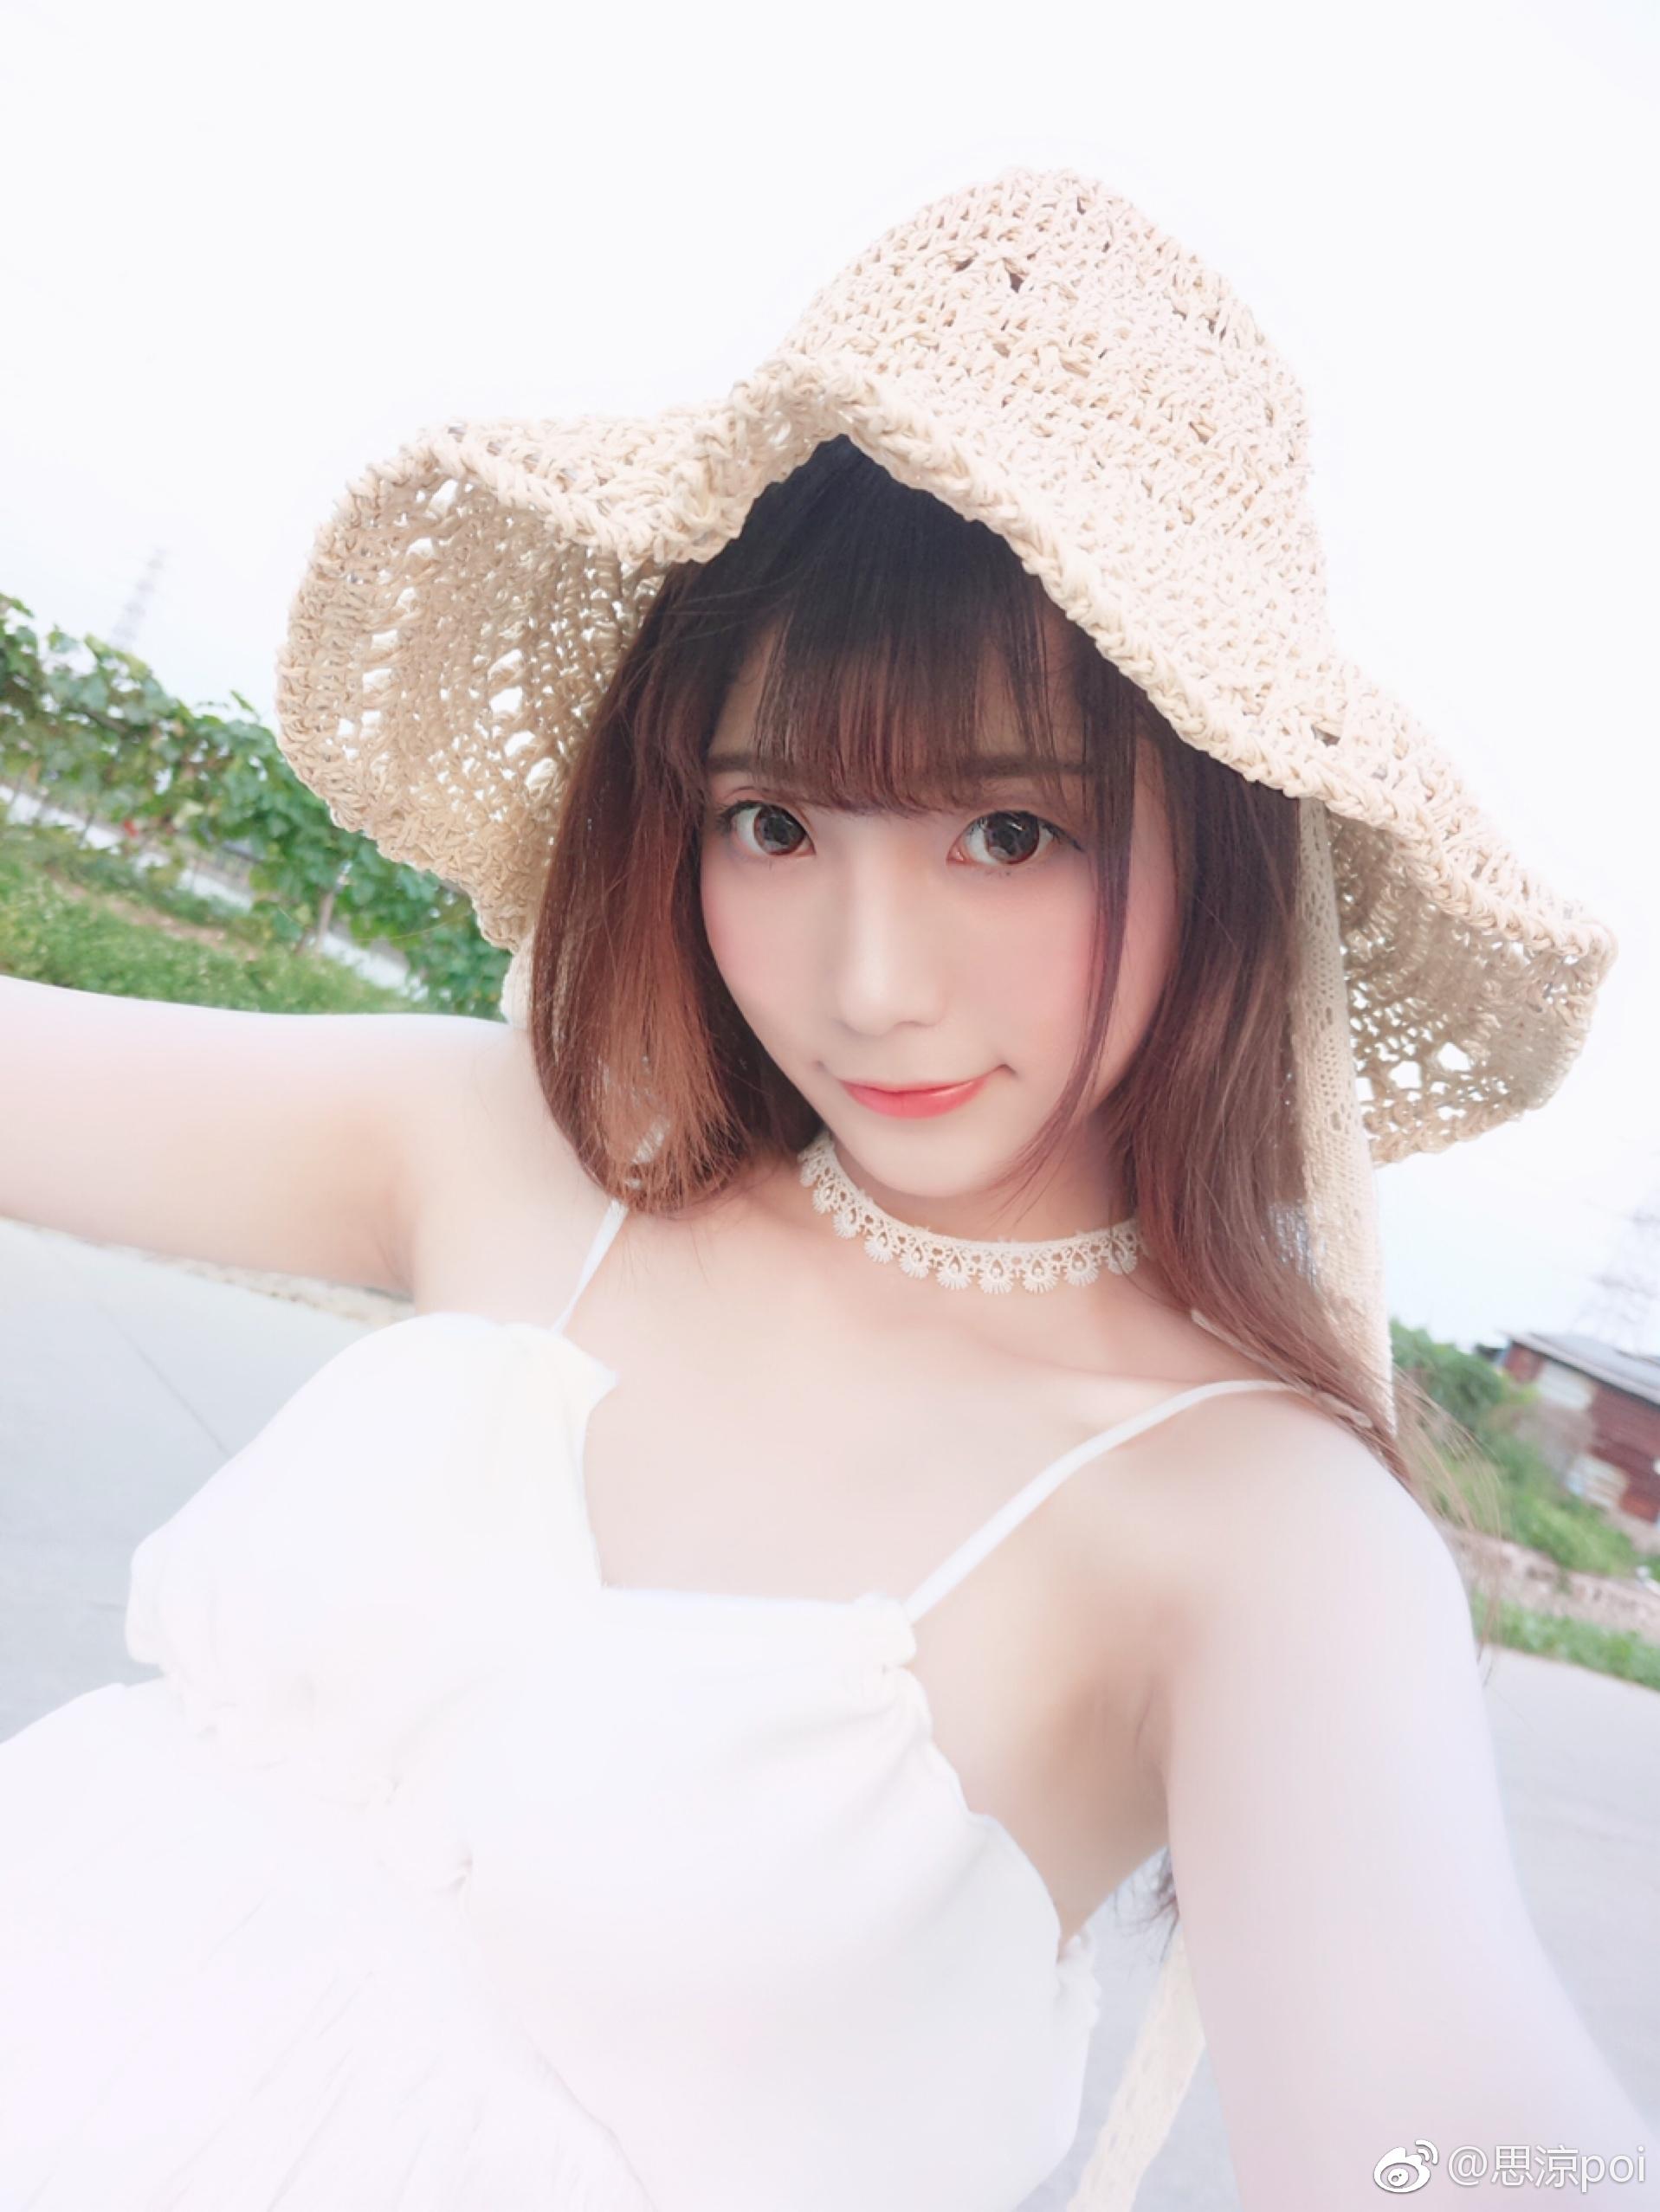 思涼poi最近的广东[喵喵]是夏天的感觉! _美女福利图片